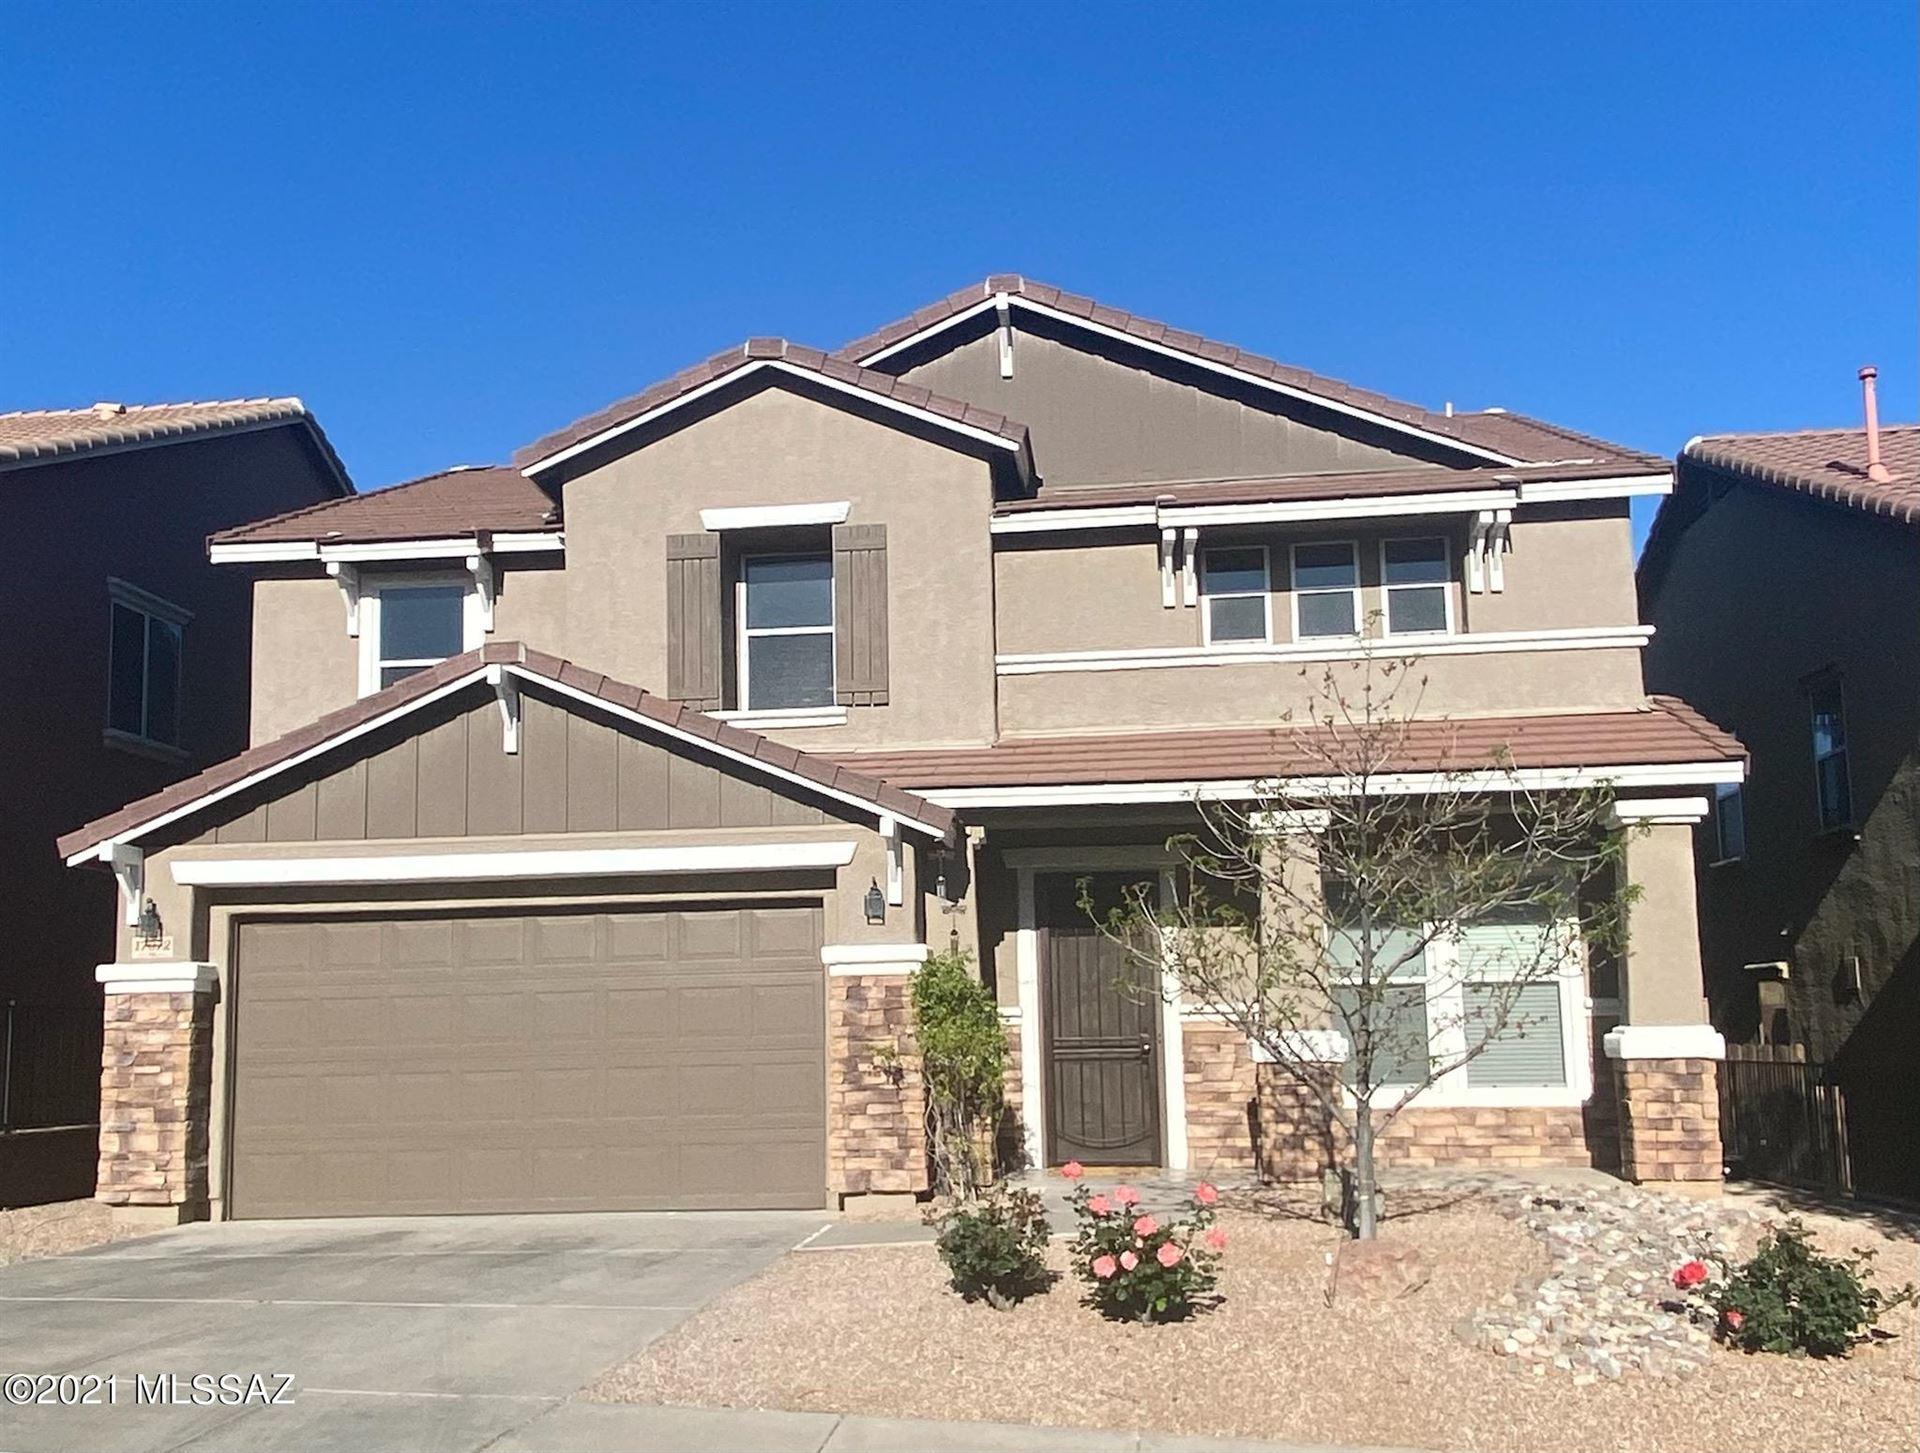 17072 S Pima Vista Drive, Vail, AZ 85641 - MLS#: 22108586